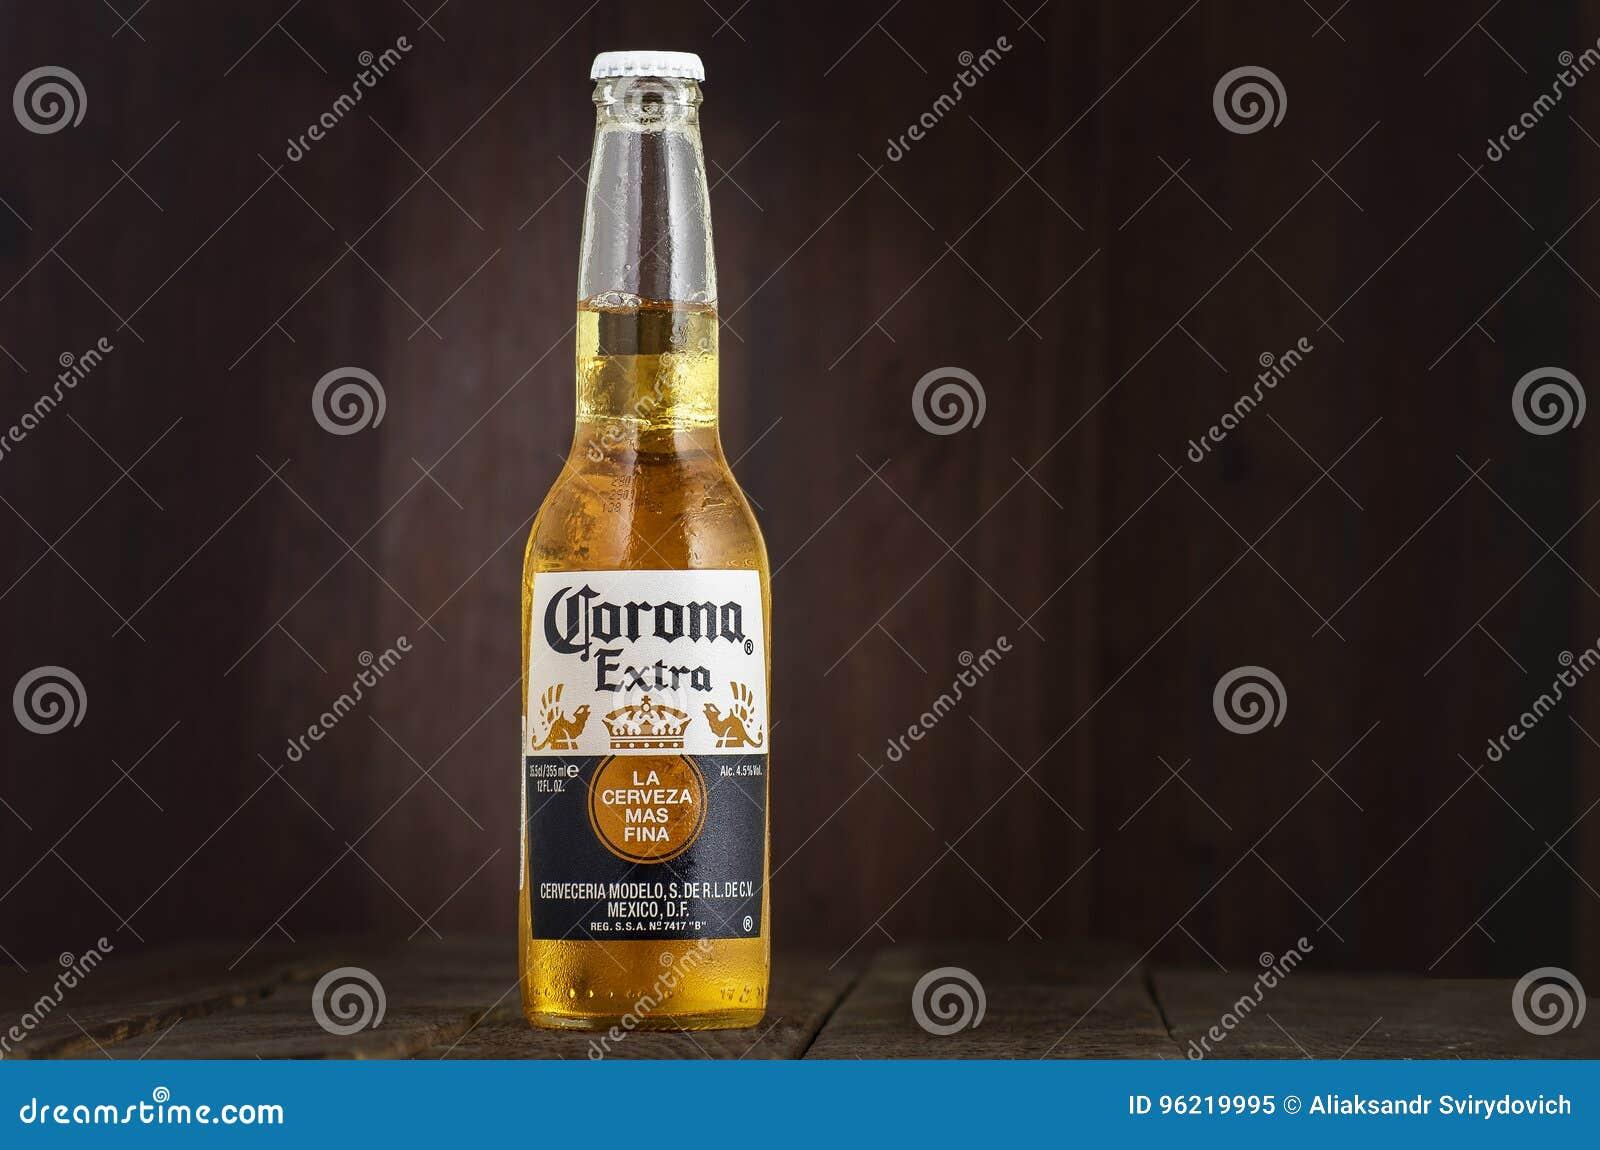 米斯克,白俄罗斯- 2017年7月10日:瓶社论照片在木背景,一的光环额外啤酒上面